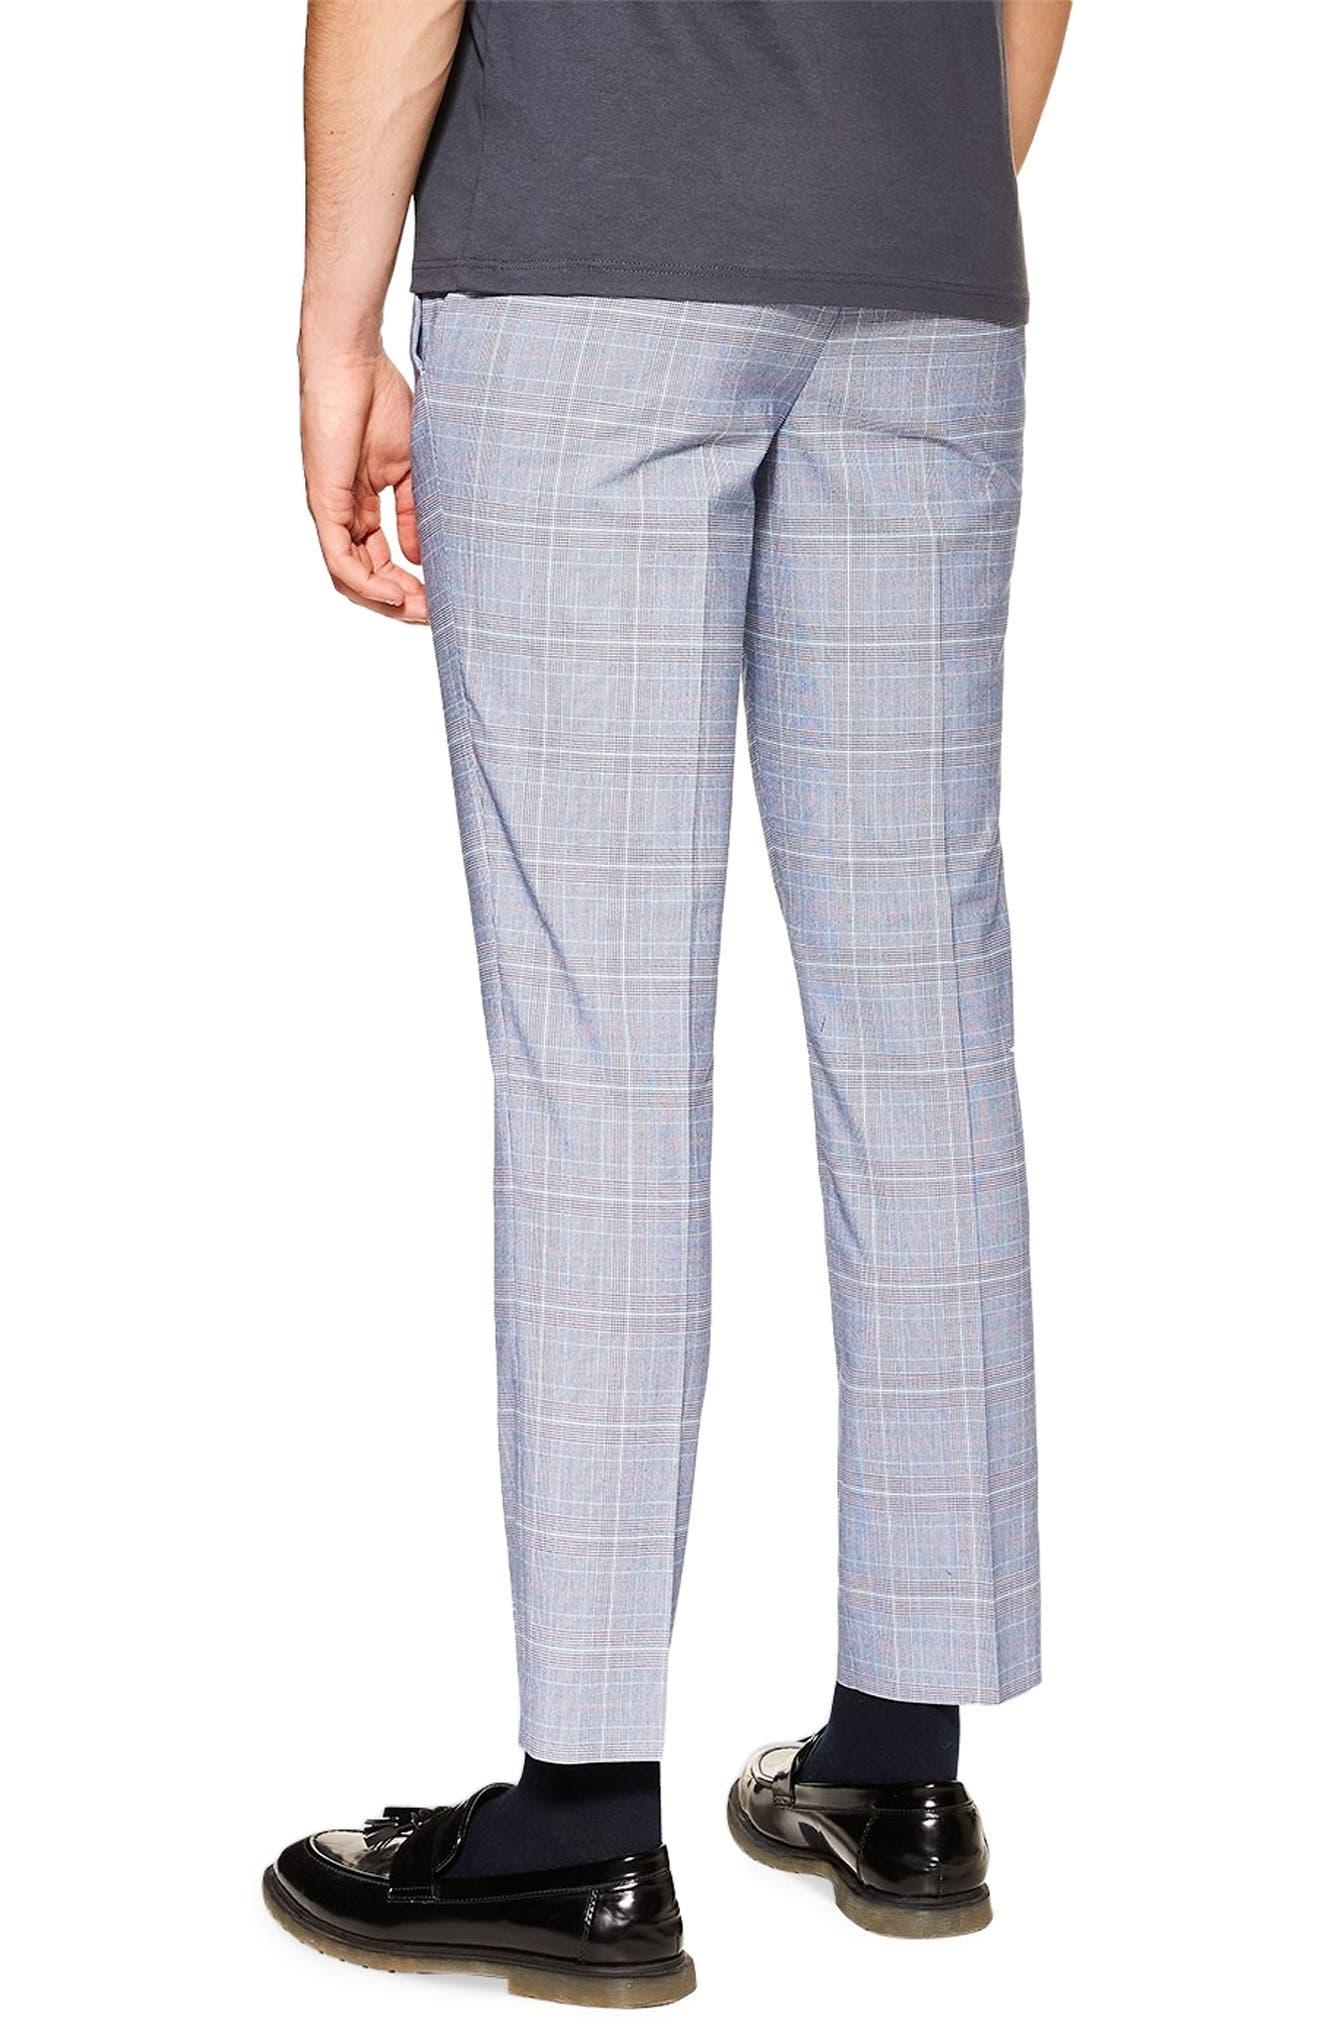 TOPMAN, Skinny Fit Plaid Trousers, Alternate thumbnail 2, color, BLUE MULTI